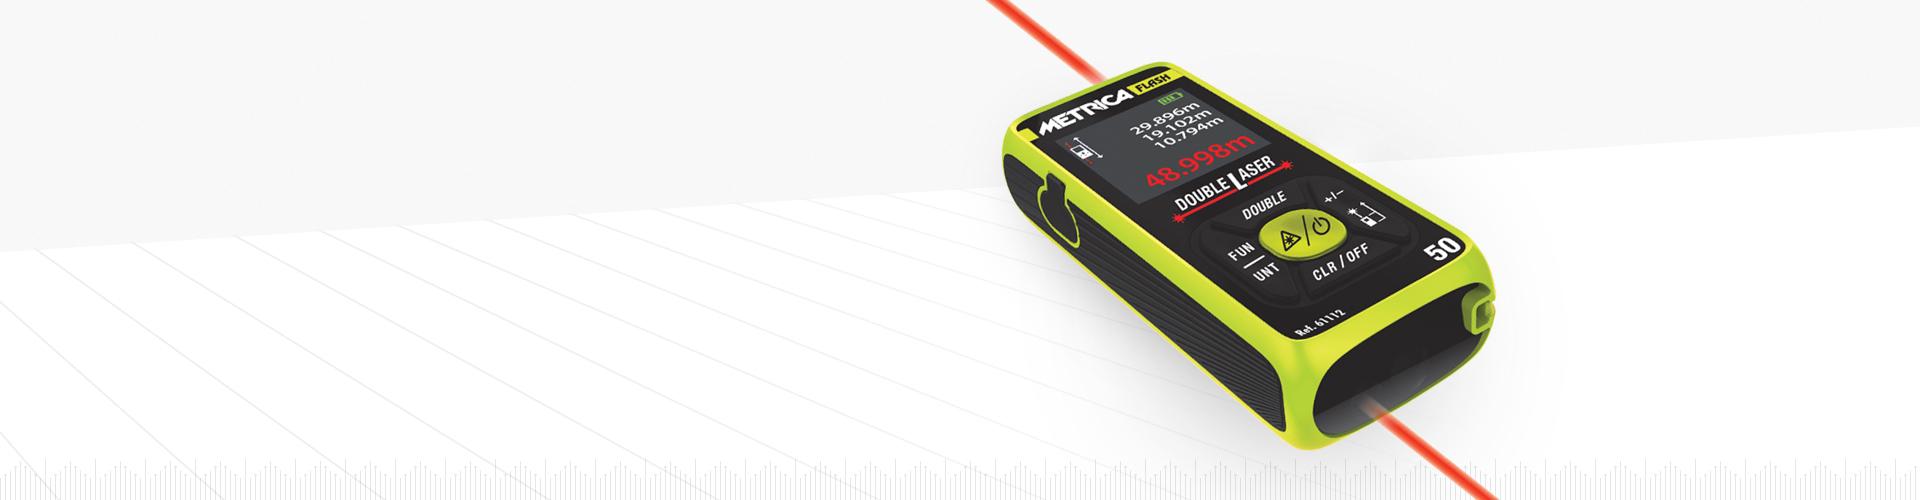 Distanzmessgerät Double Laser - Metrica